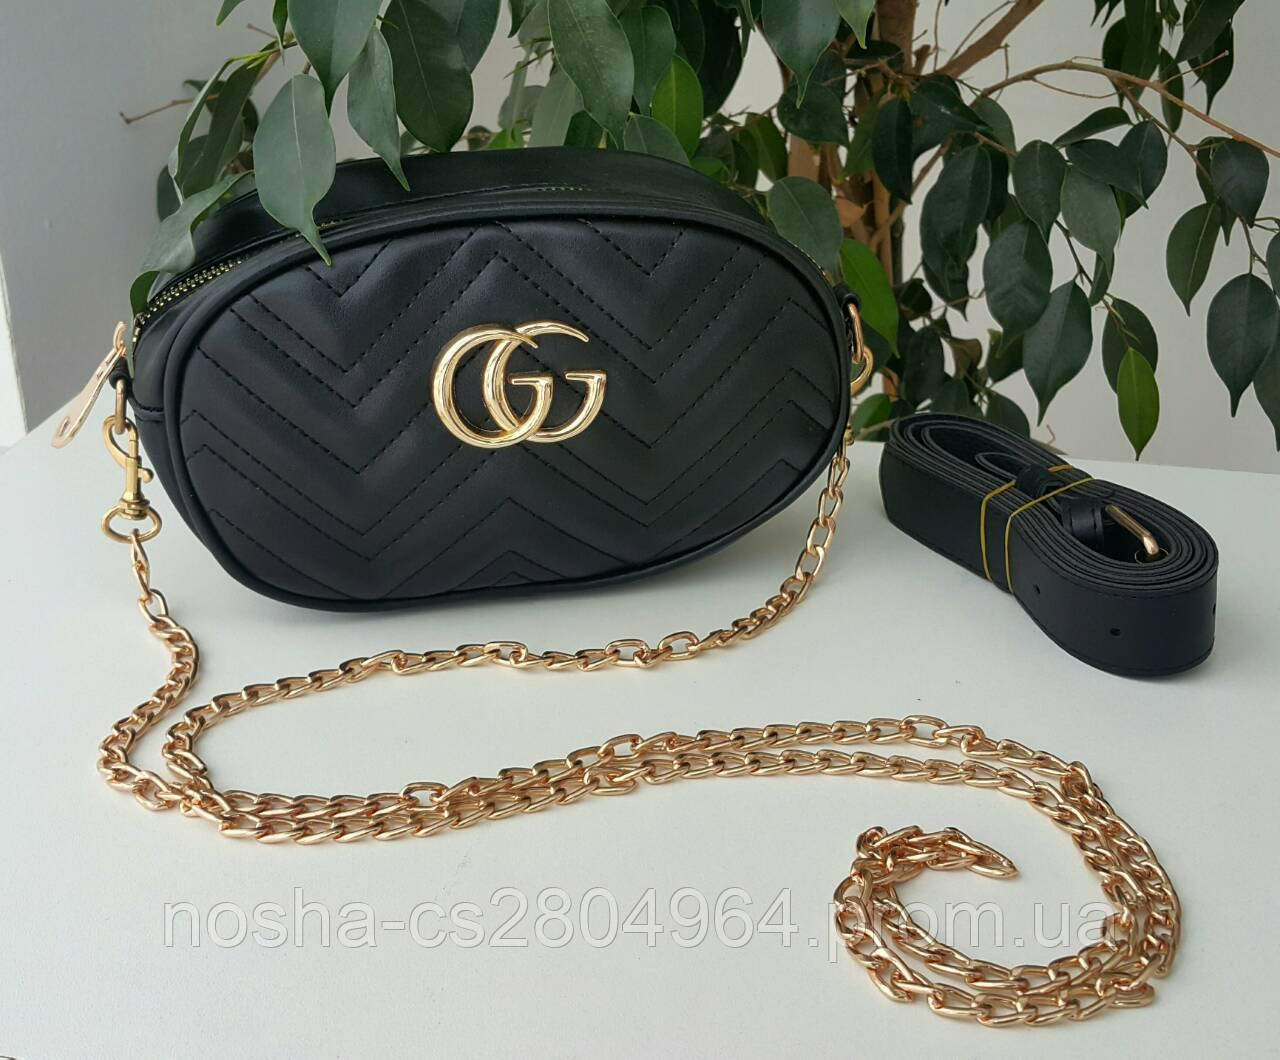 d7ff0ed1a633 Сумка женская Gucci belt bag. Сумка на пояс/клатч | Сумочка гучи ...